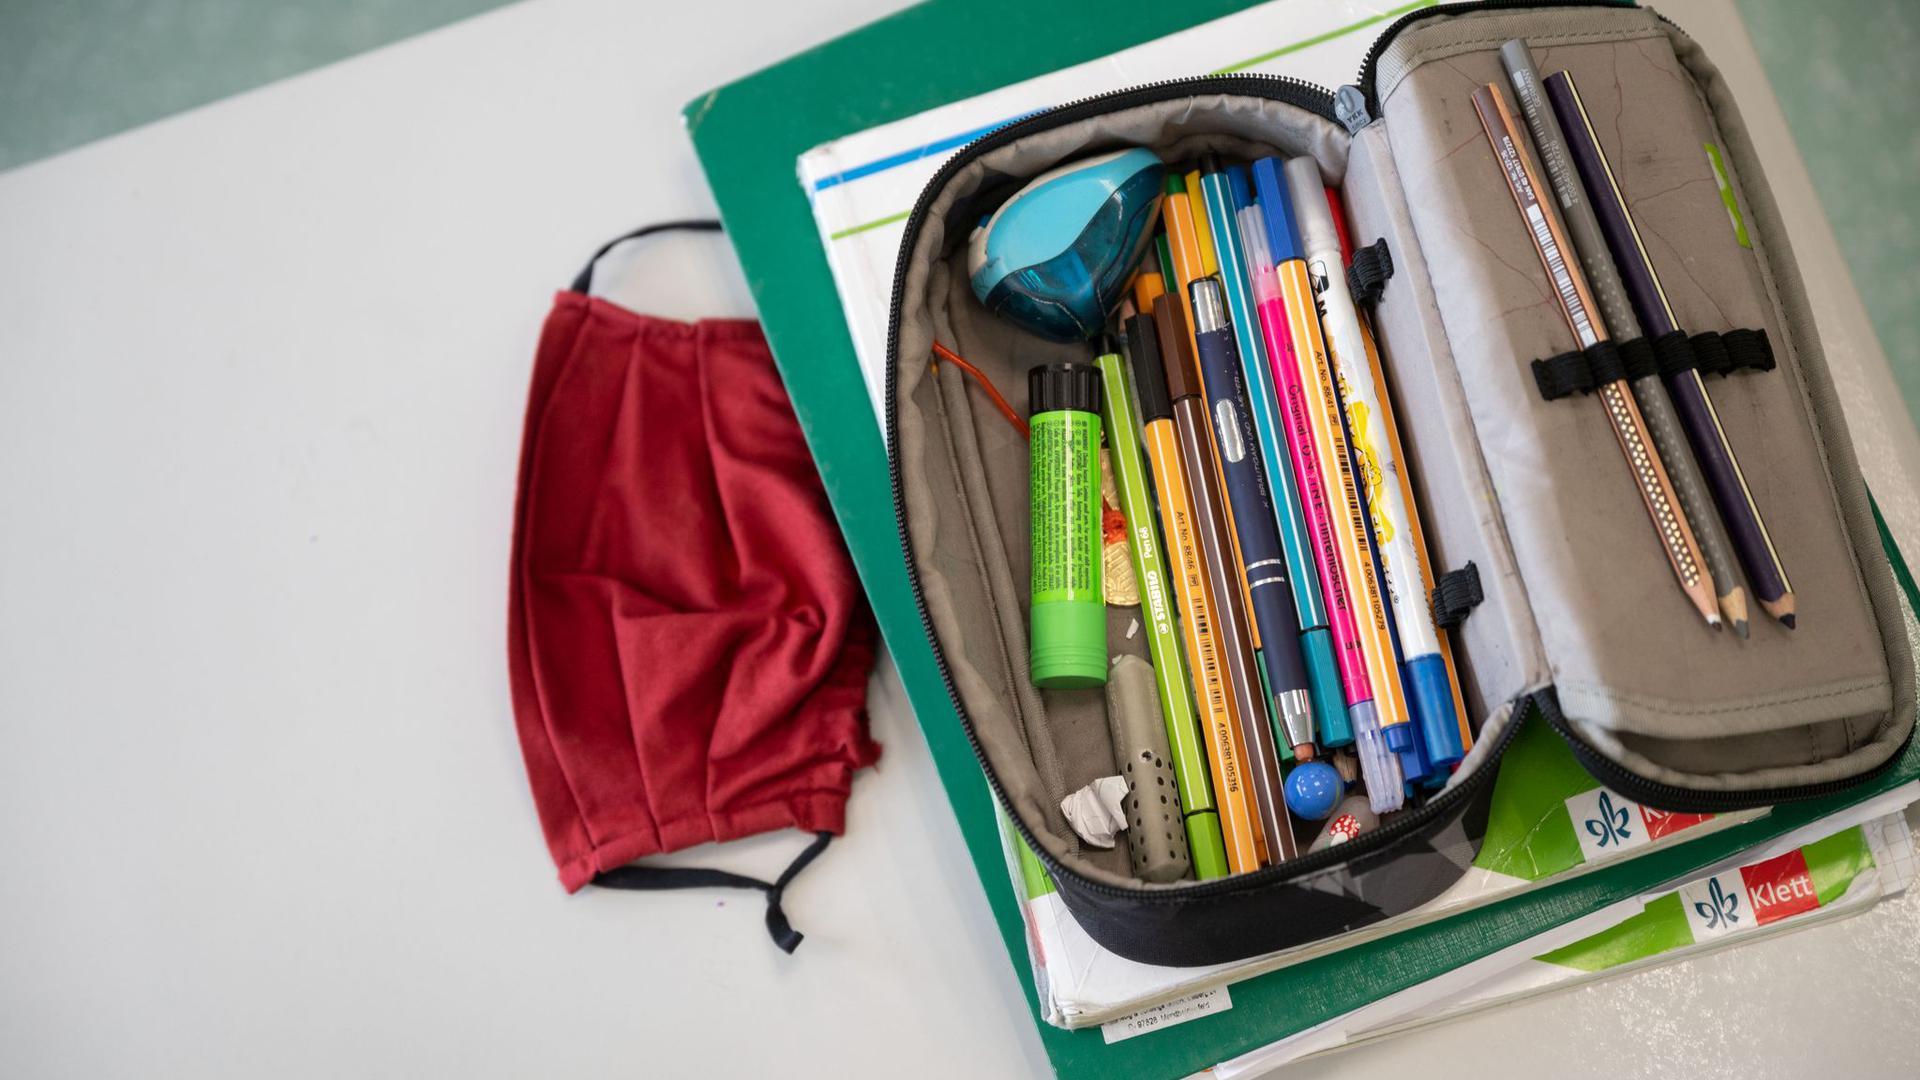 Eine Mund-Nasen-Bedeckung liegt neben einem Mäppchen und Schulbüchern auf einem Schultisch.